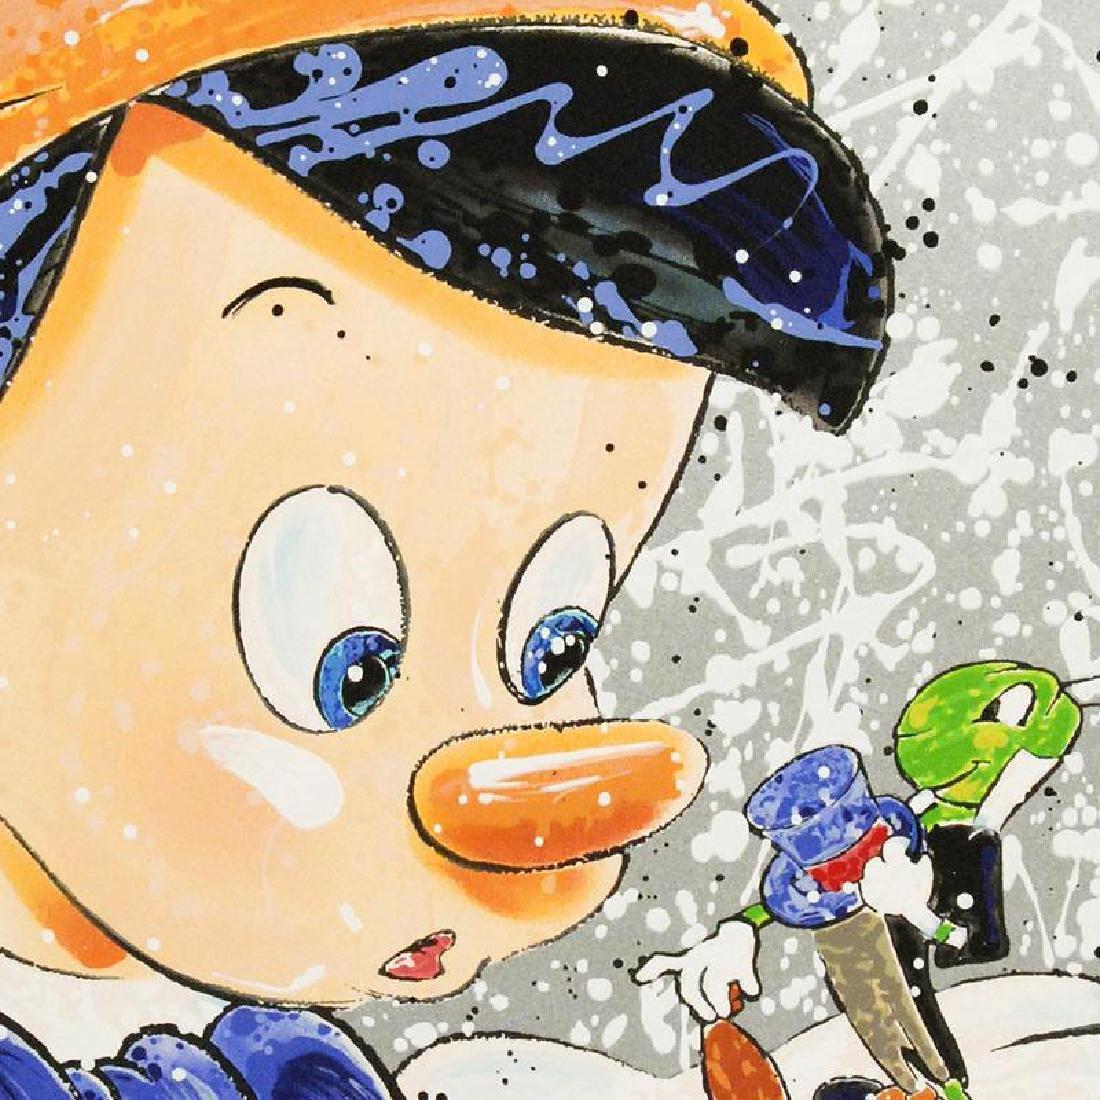 Boy Oh Boy Oh Boy Disney Limited Edition Serigraph by - 2